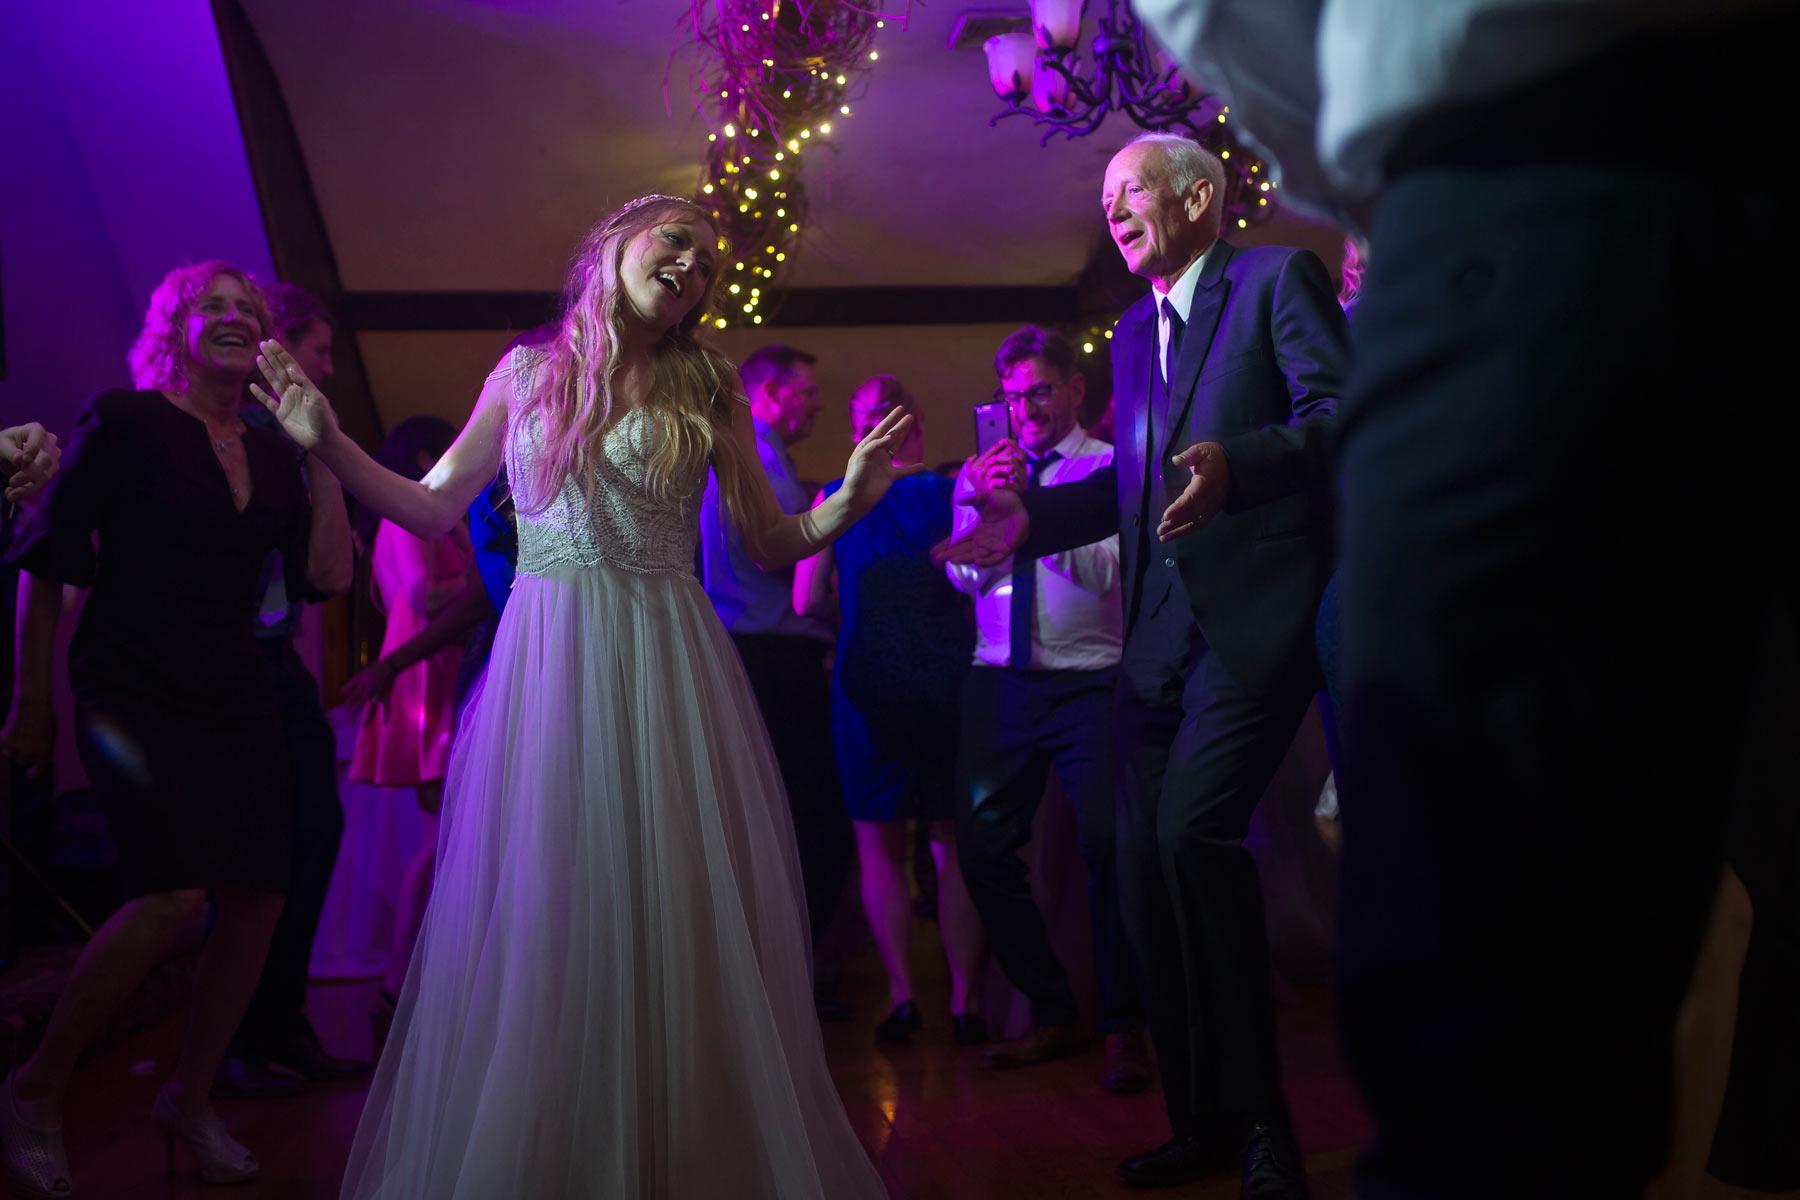 Bucks_County_wedding_photographer_Stroudsmoor_country_inn_wedding_Philadelphia_wedding_photographer_34_bride_and_dad_dance.JPG